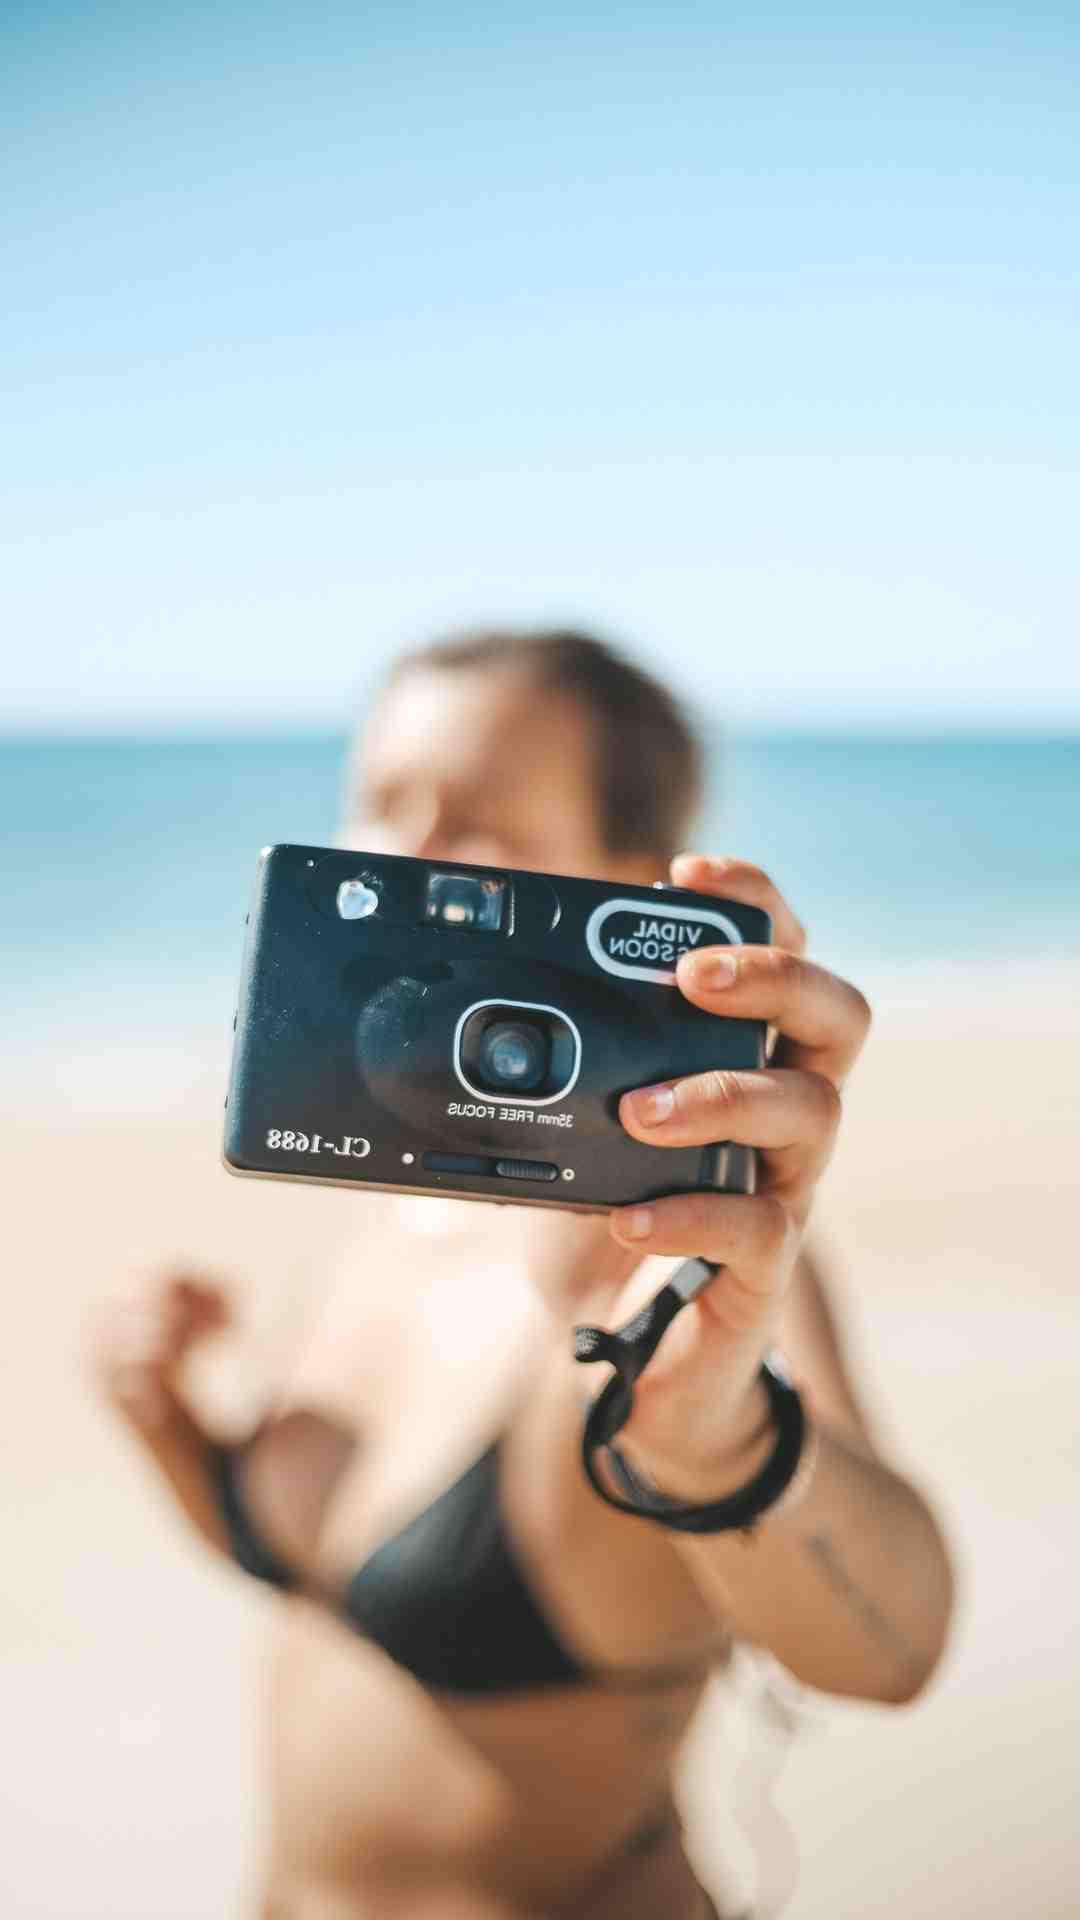 Comment rechercher avec une photo?